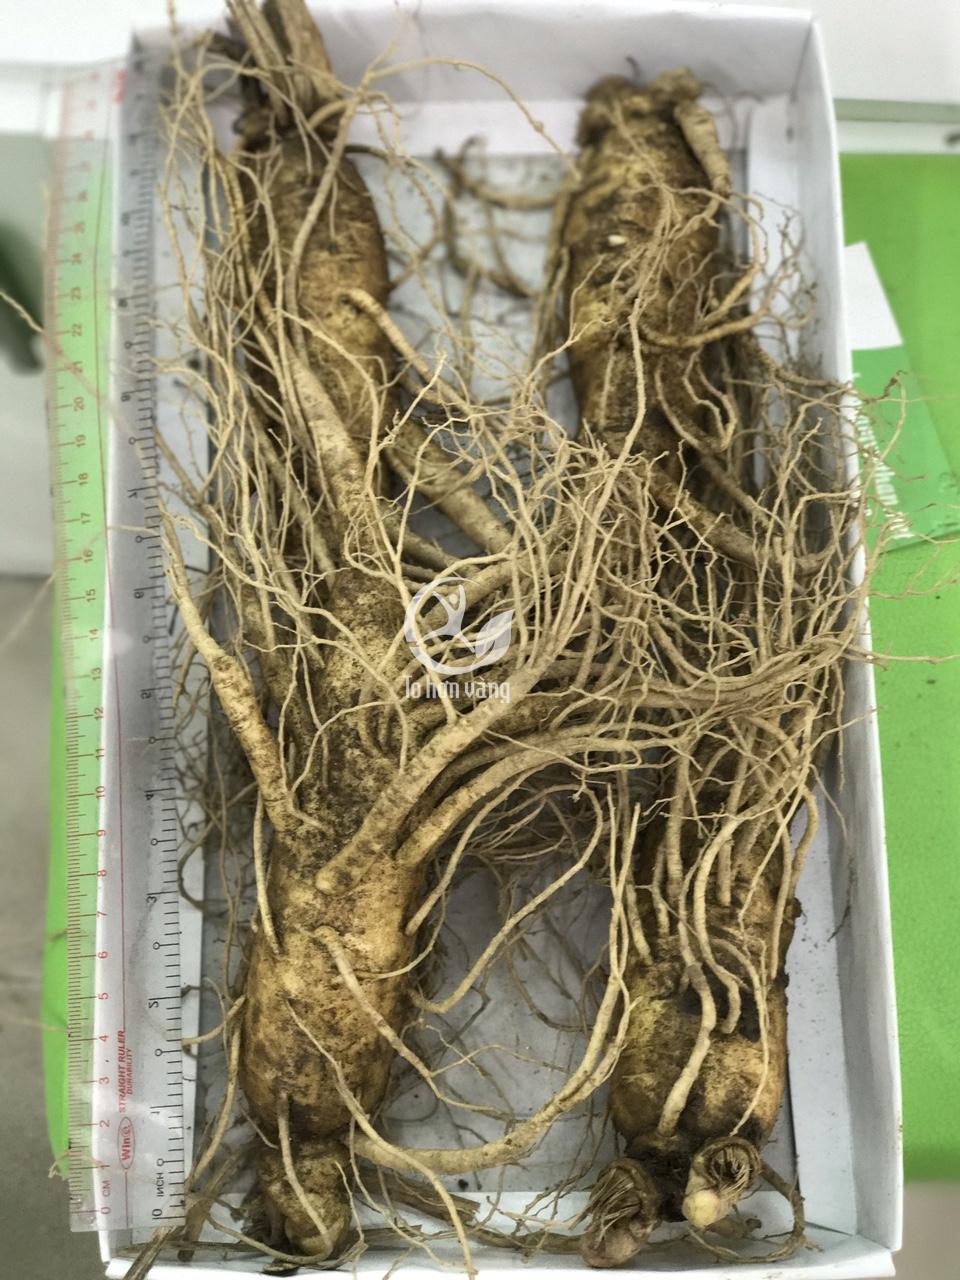 Sấm tươi Hàn Quốc 4 củ 700 gram chứa hàm lượng saponin khá cao